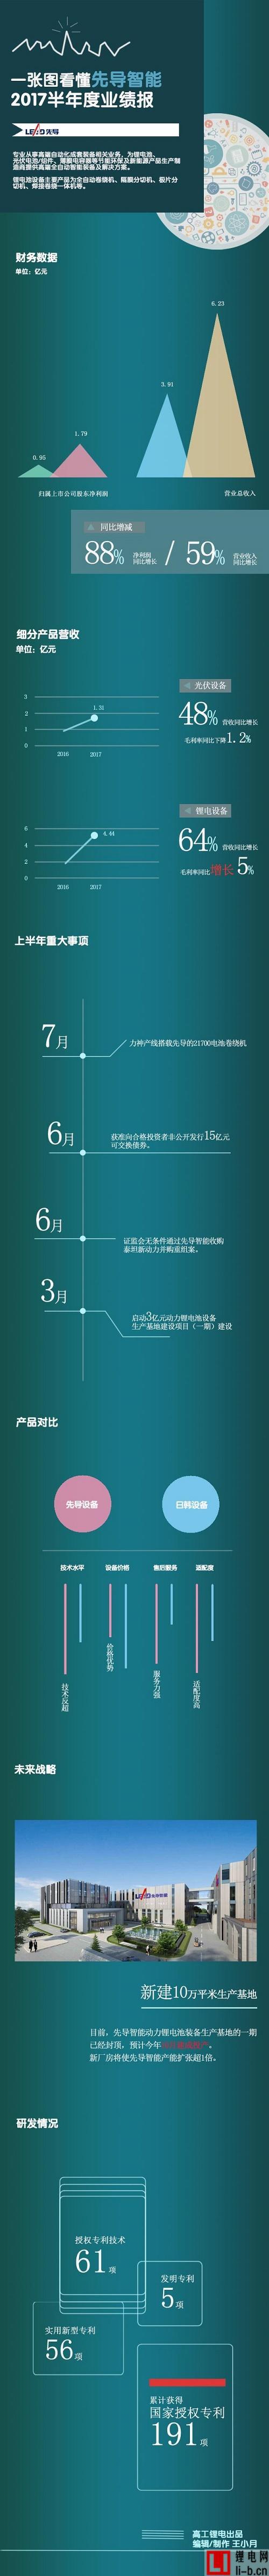 一张图看懂先导智能上半年度业绩报告